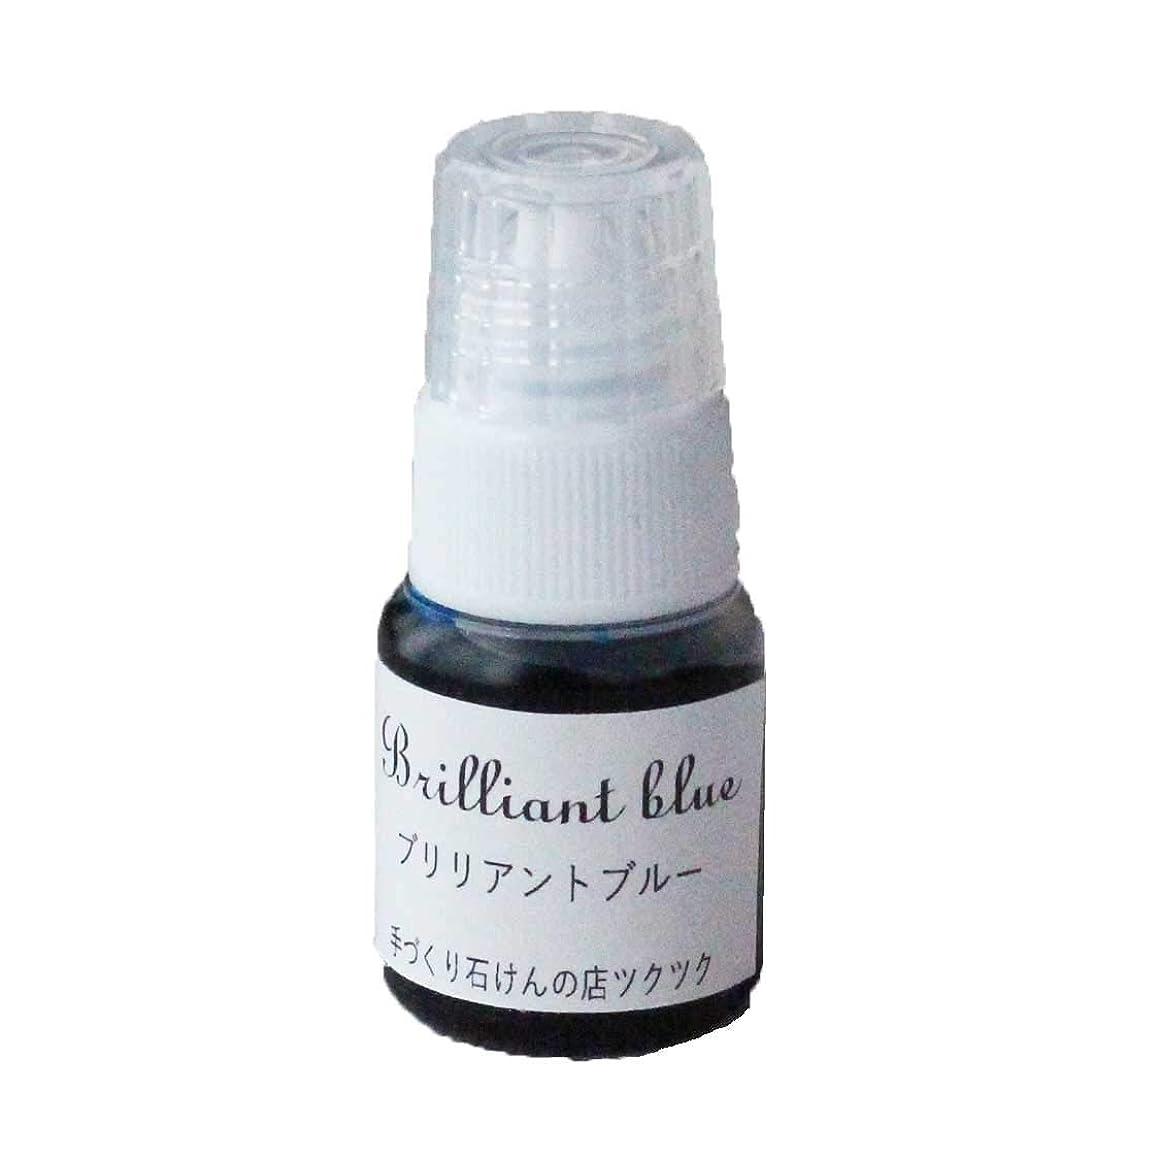 トラフ酸バージンリキッドカラー ブリリアントブルー/手作り石けん材料/MPソープ?グリセリンソープ?透明石鹸?液体石鹸用